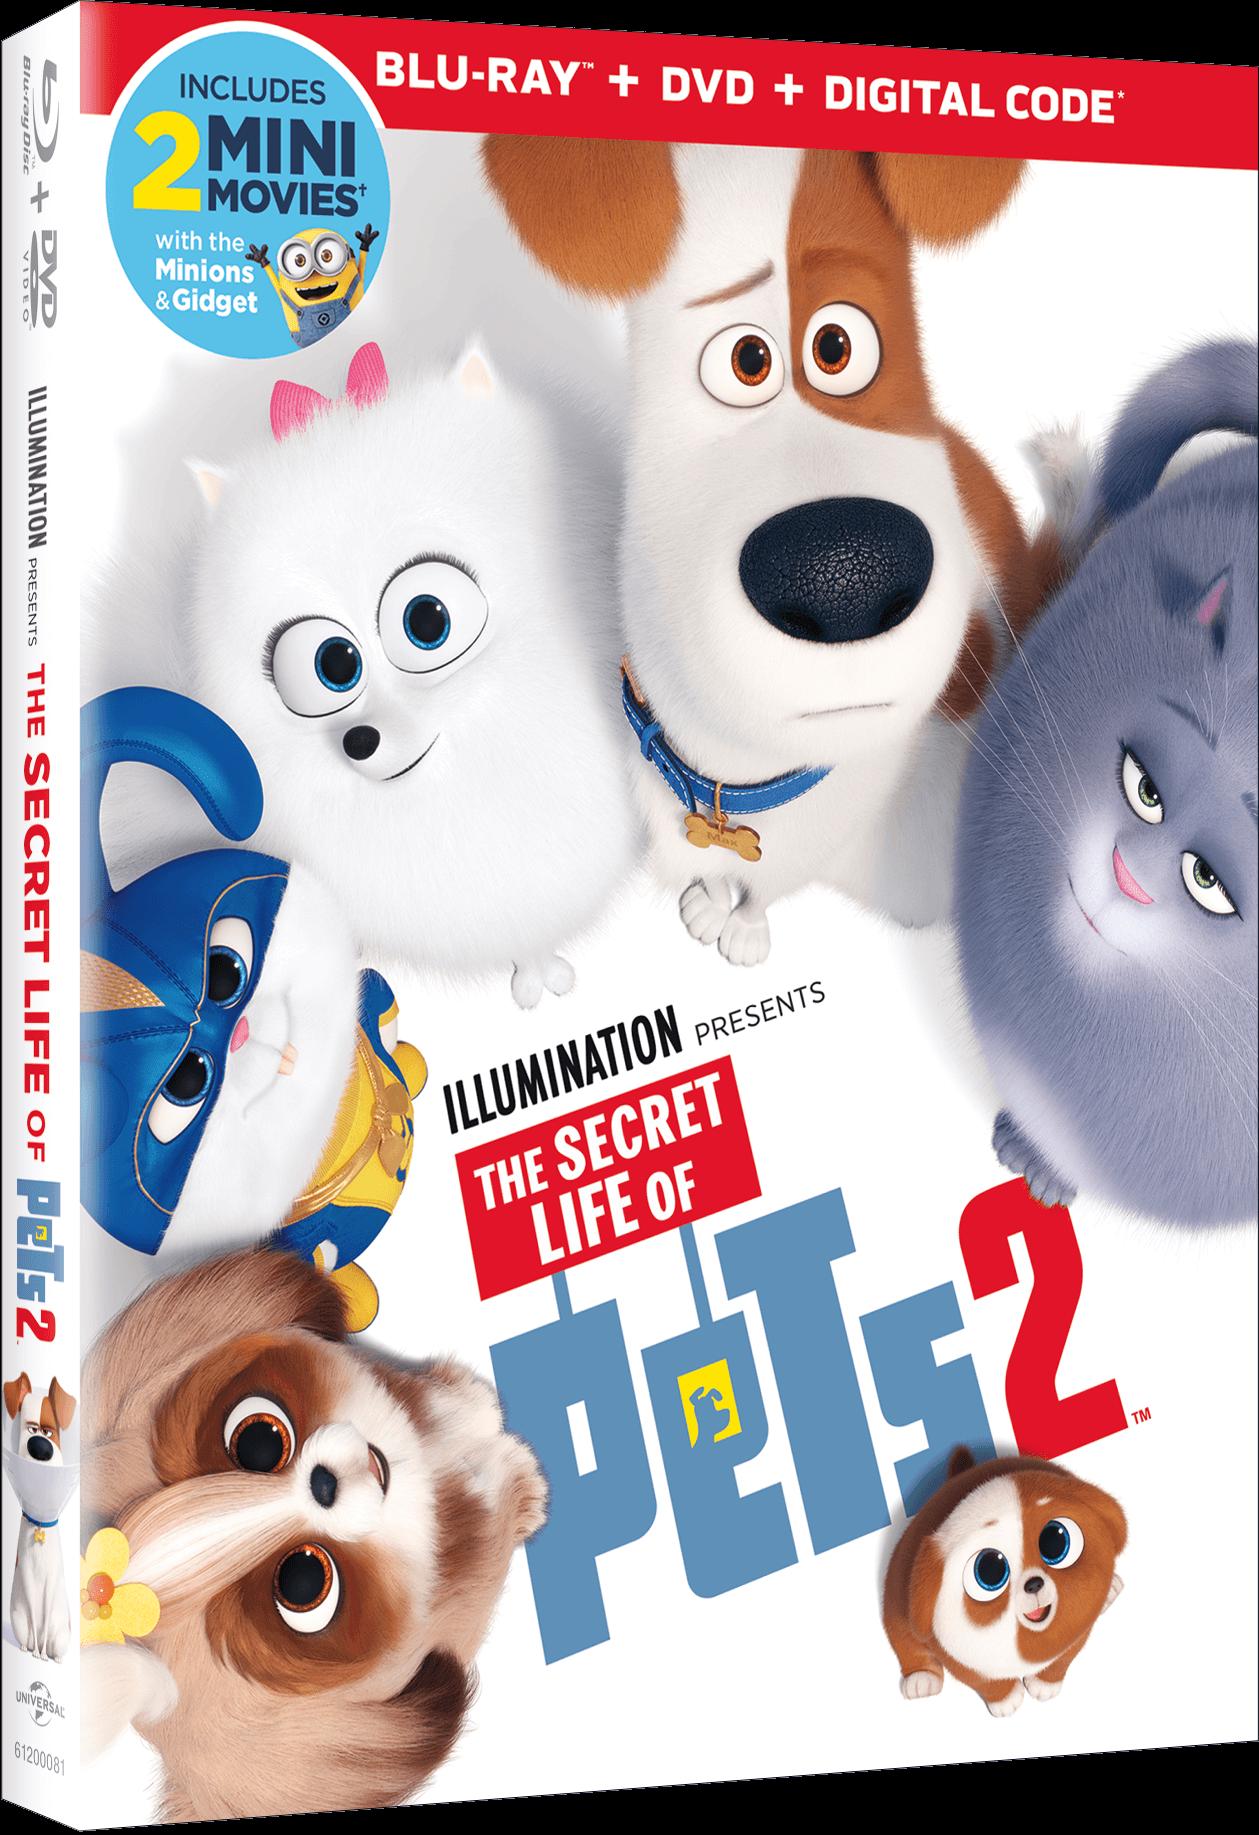 The Secret Life of Pets 2 | Own It On Digital Now | 4K Ultra HD, Blu